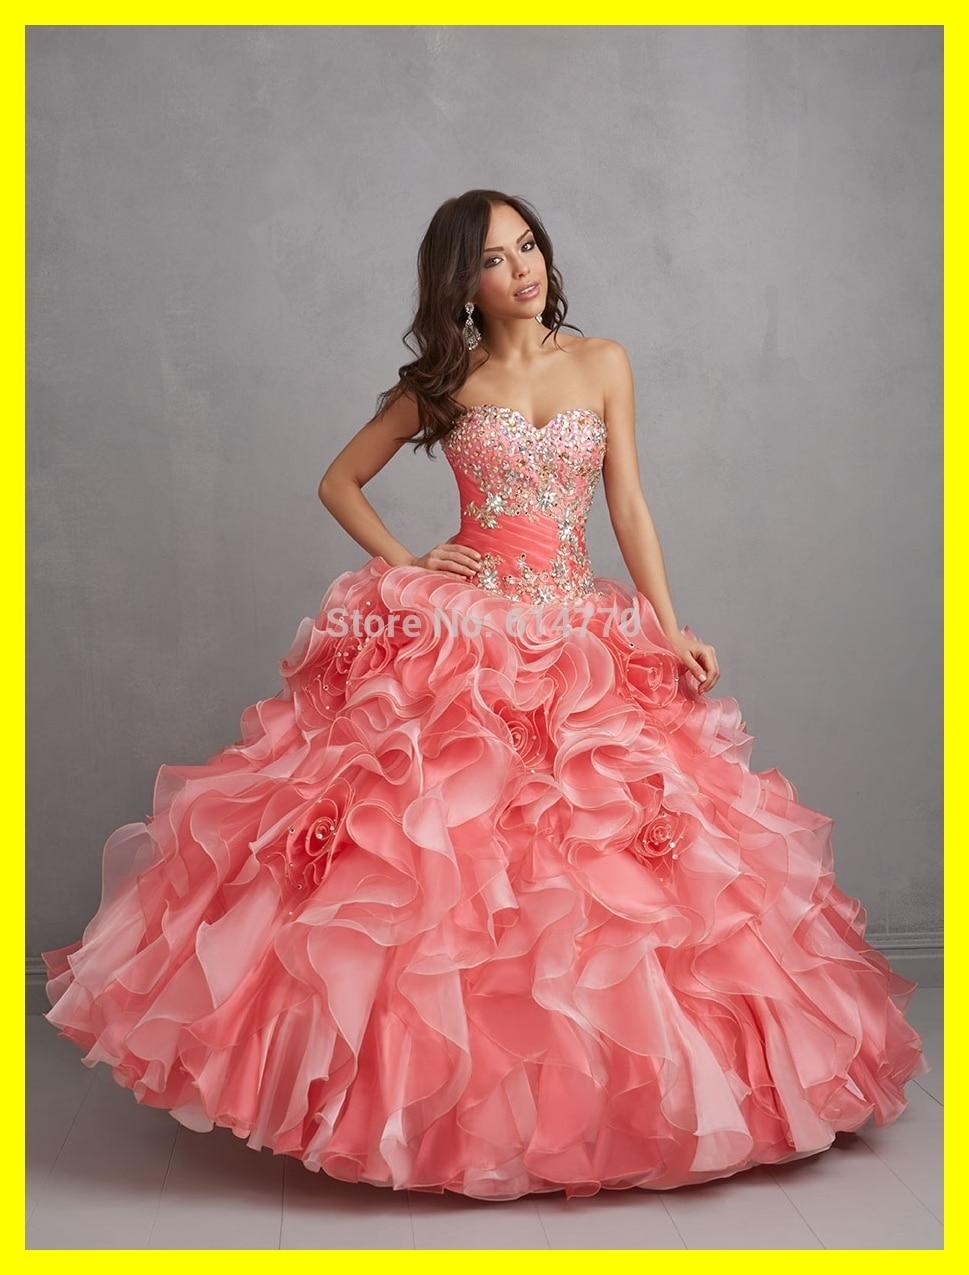 Niedlich San Antonio Prom Kleider Zeitgenössisch - Hochzeit Kleid ...